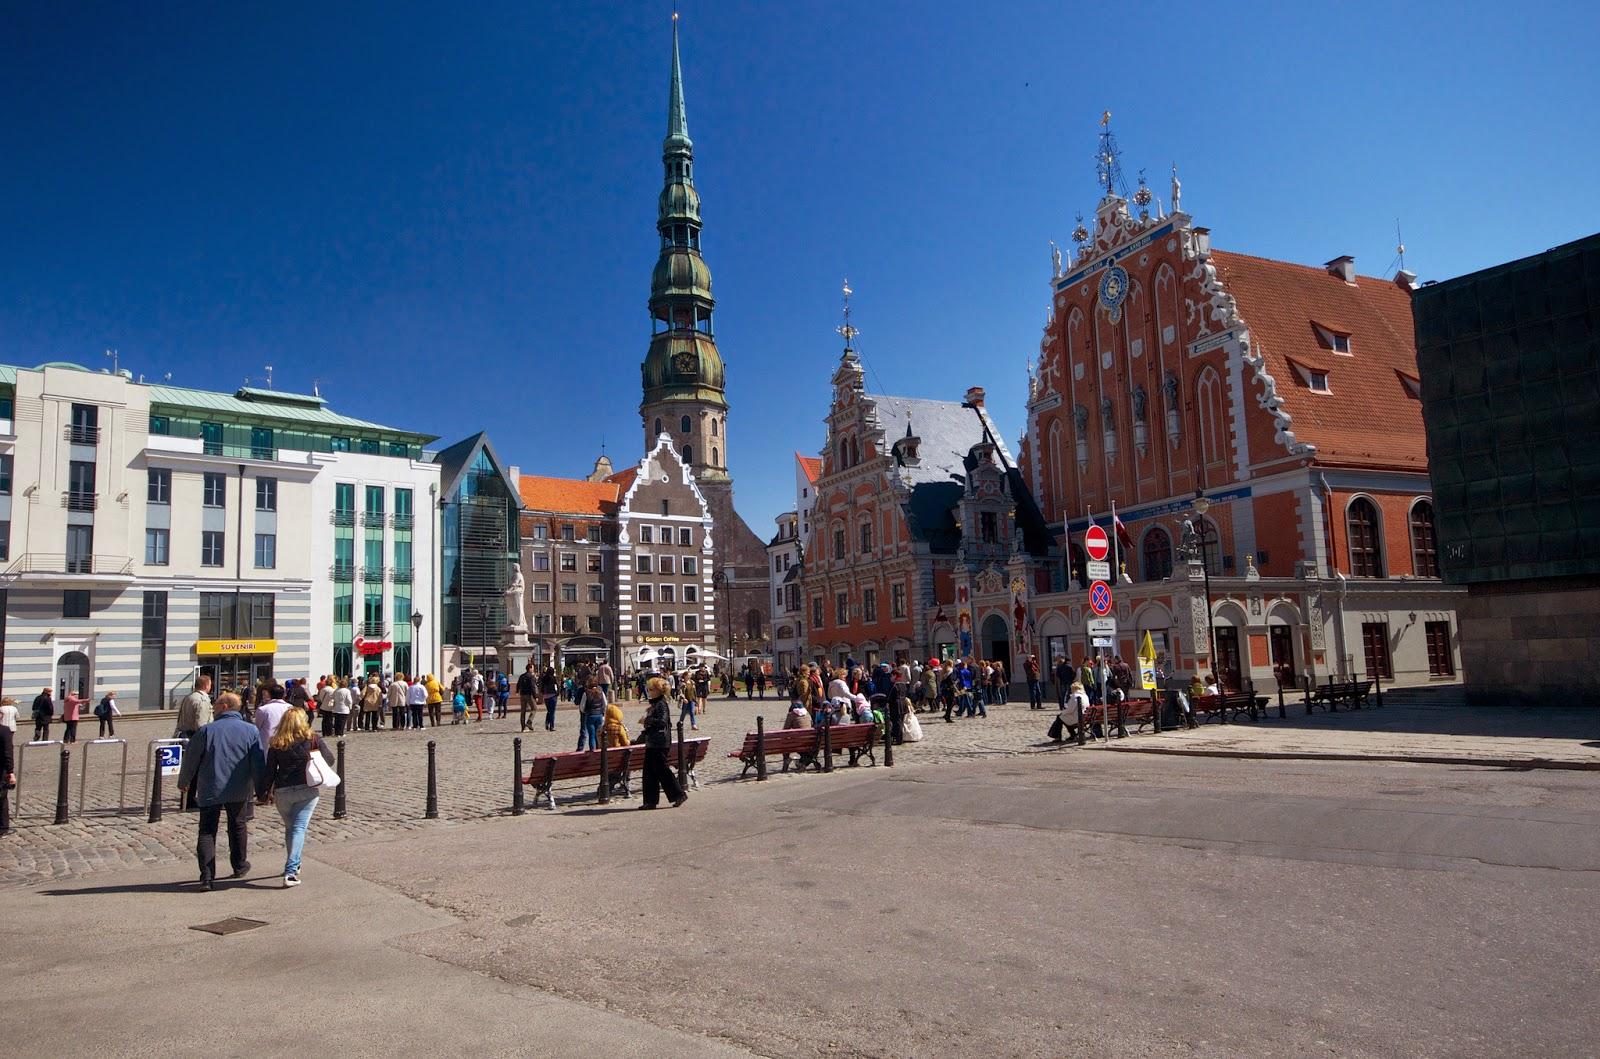 Ратушная площадь, Рига, Латвия